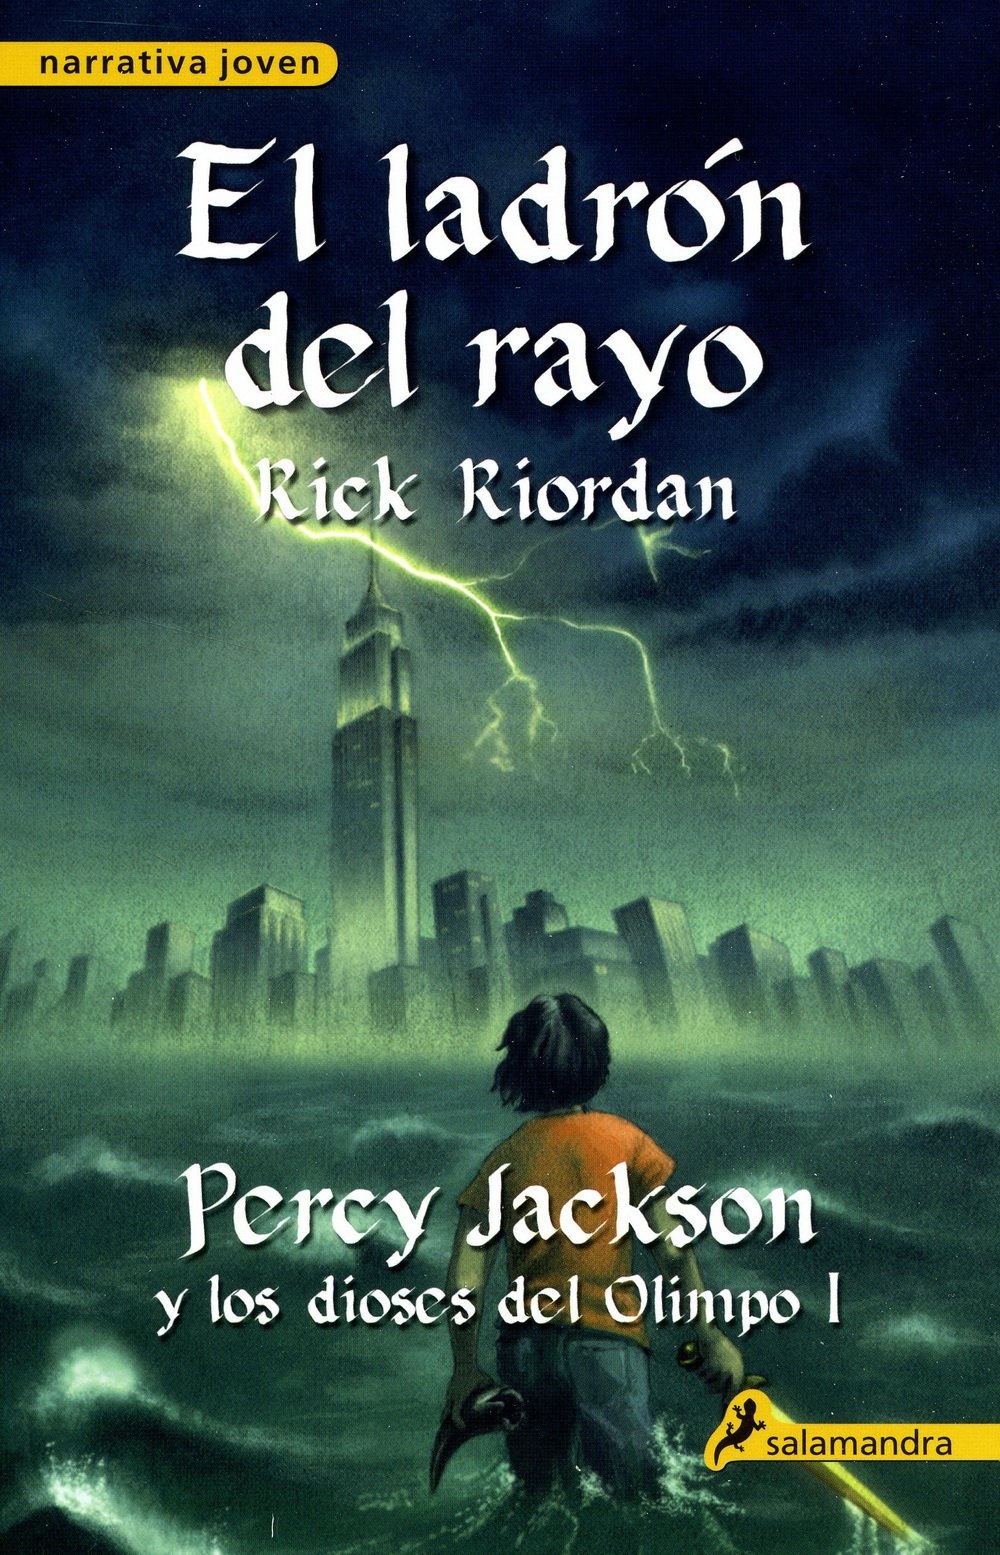 Resultado de imagen de percy jackson y el ladrón del rayo